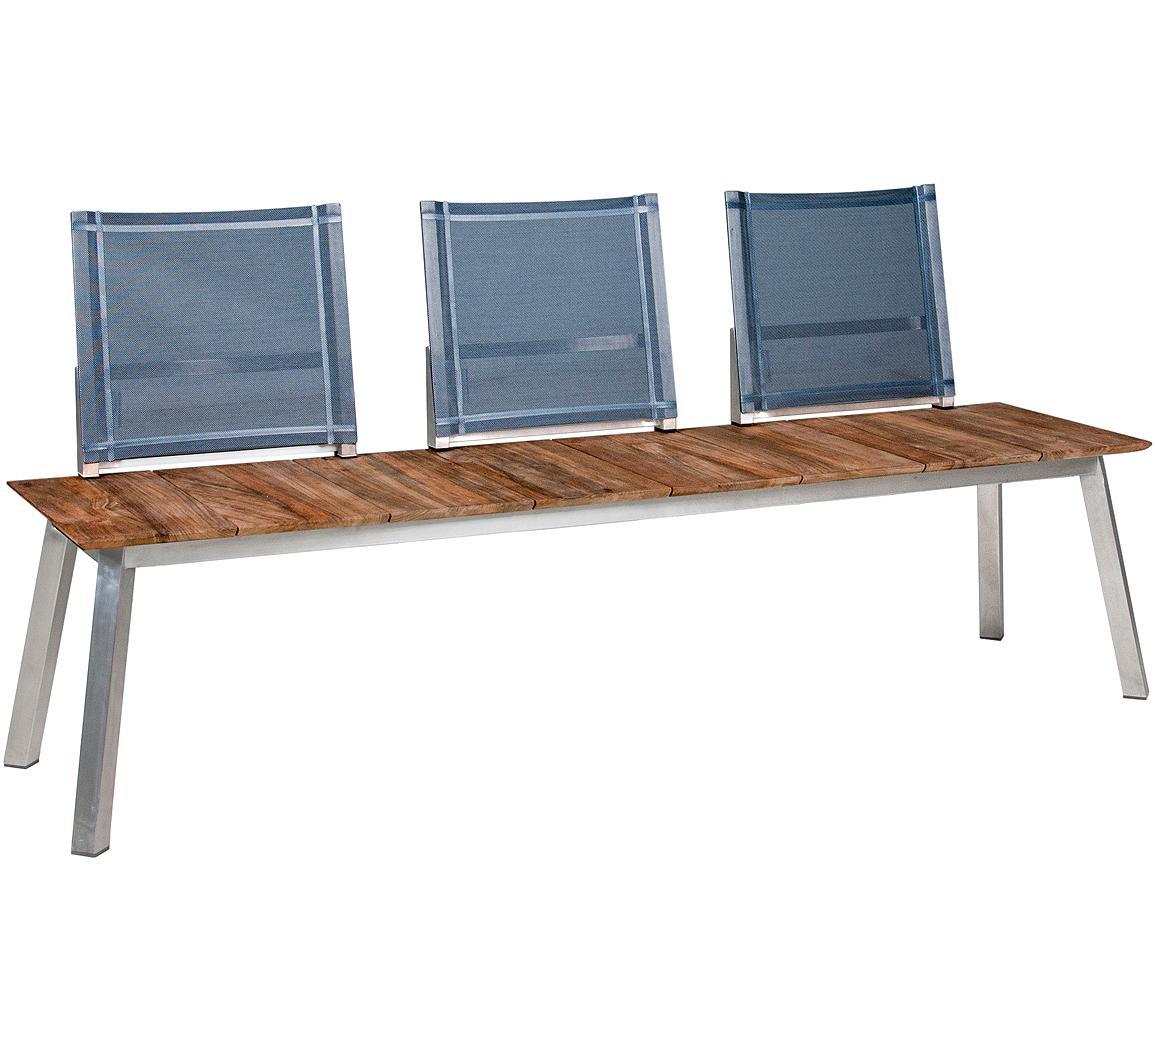 zebra sport bank 185cm linax 7281 edelstahl old teak artjardin. Black Bedroom Furniture Sets. Home Design Ideas